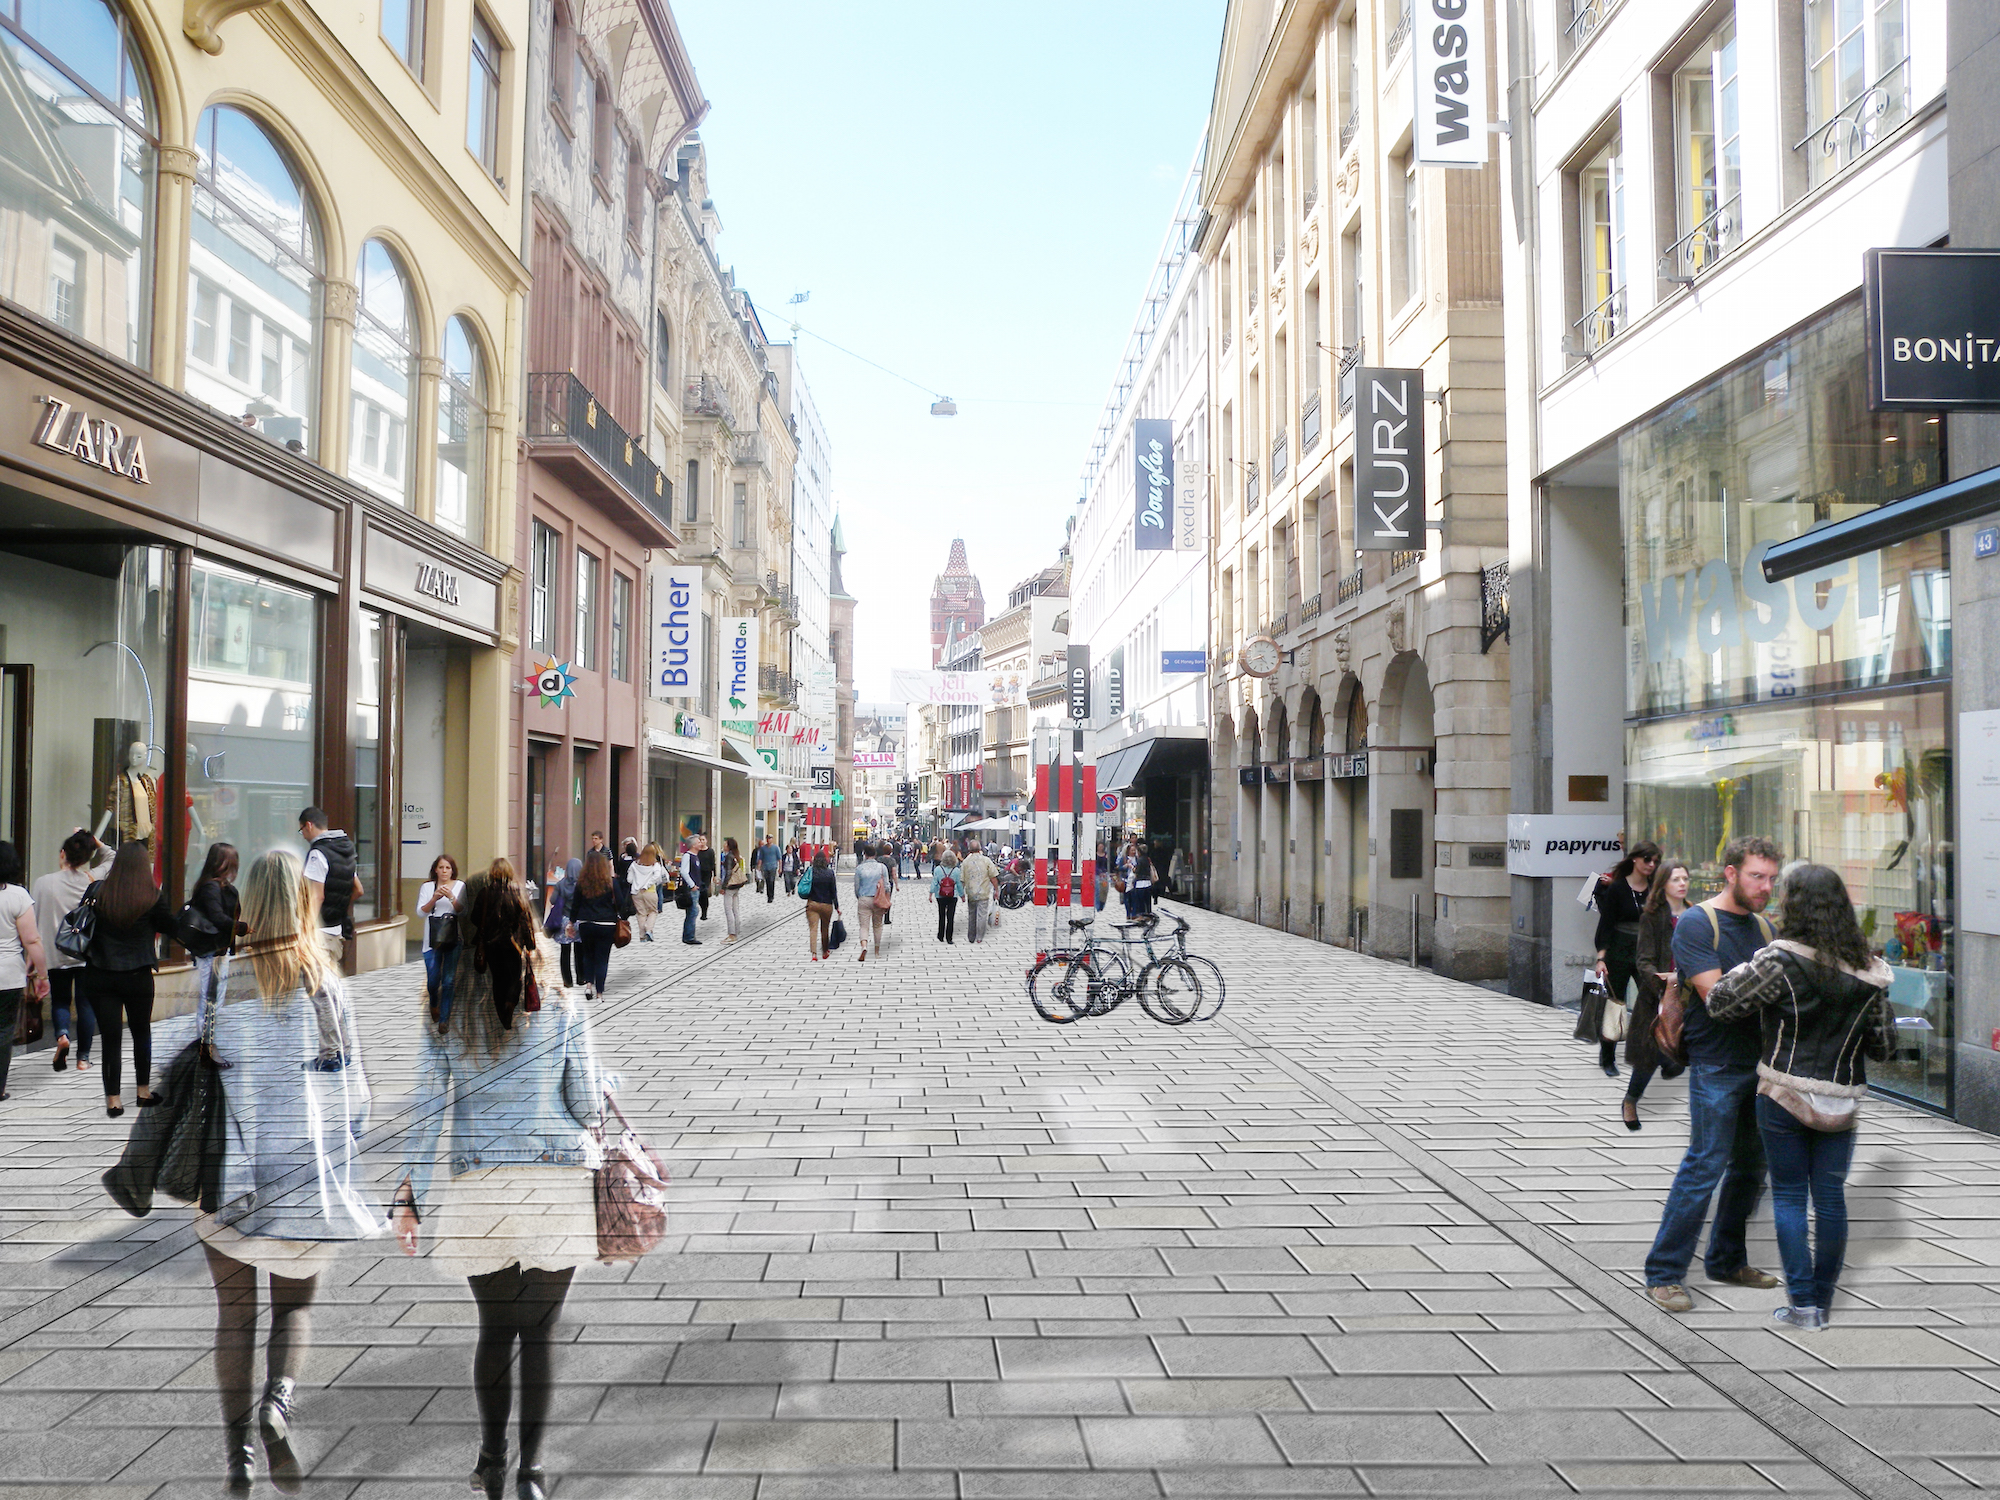 Hoffnungsschimmer aus Quarzsandstein: Die neue Gestaltung zum Beispiel der Freien Strasse solls richten.